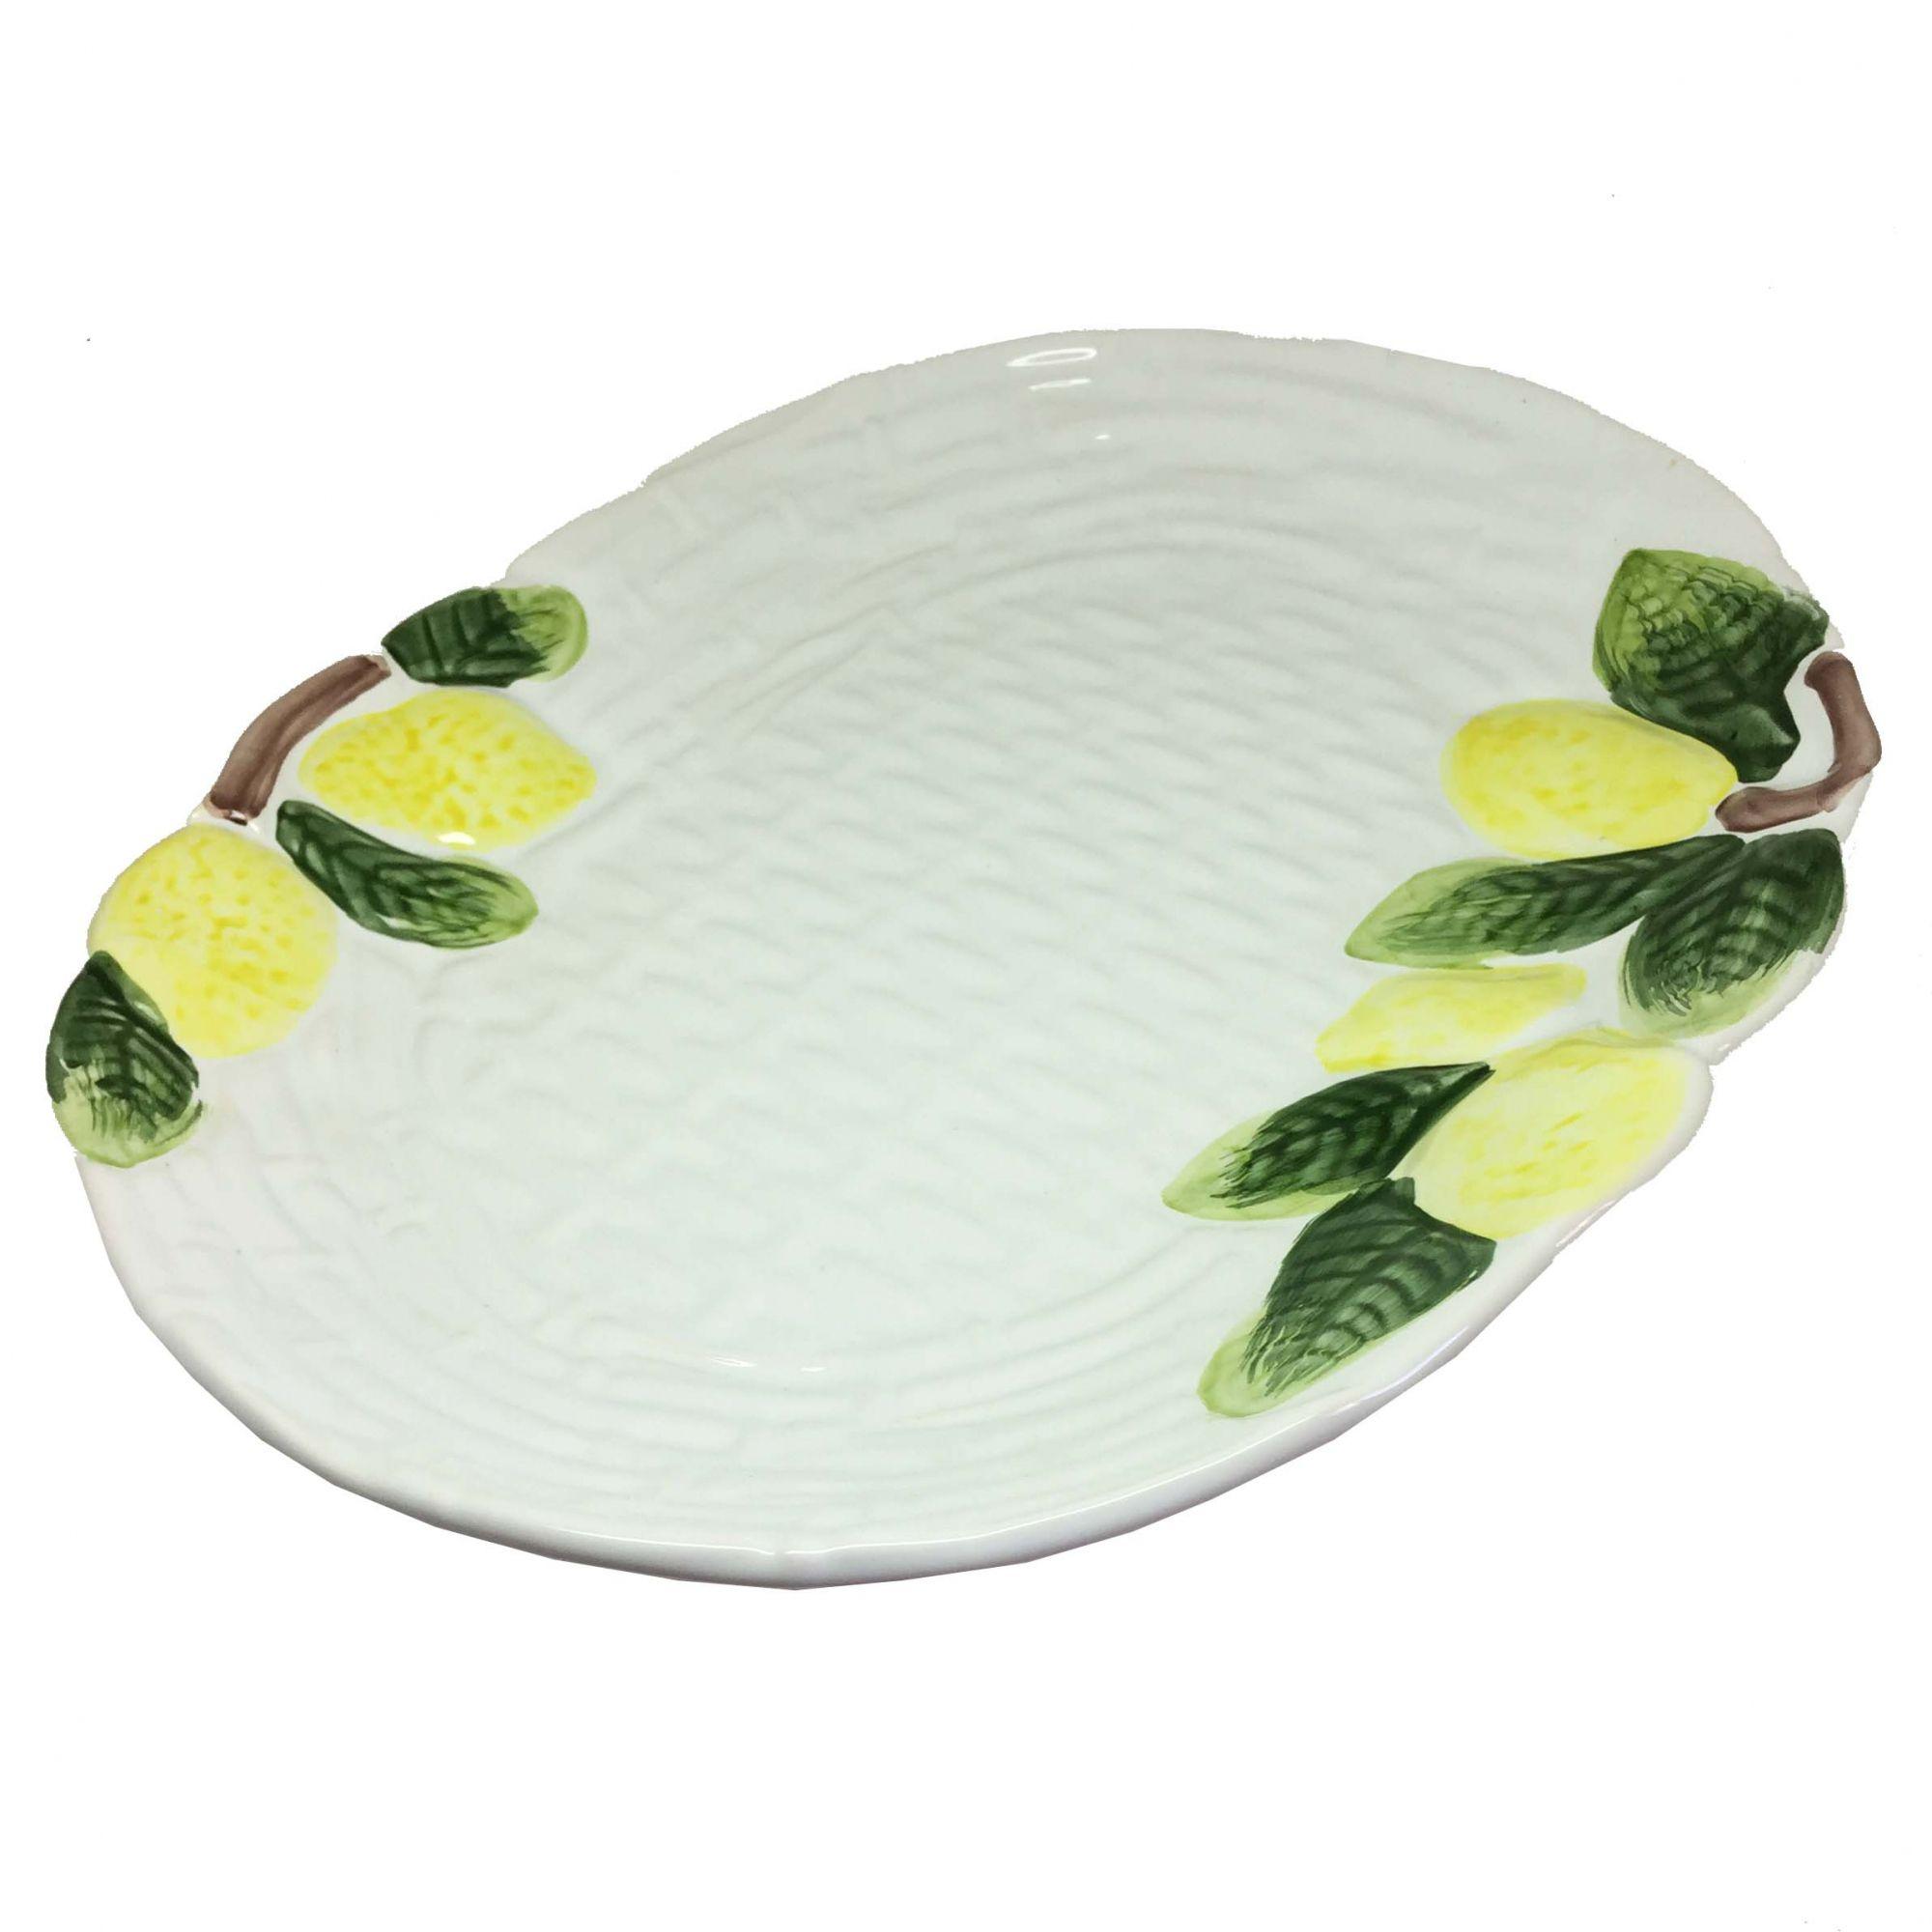 Travessa de Cerâmica Branca Limão Siciliano